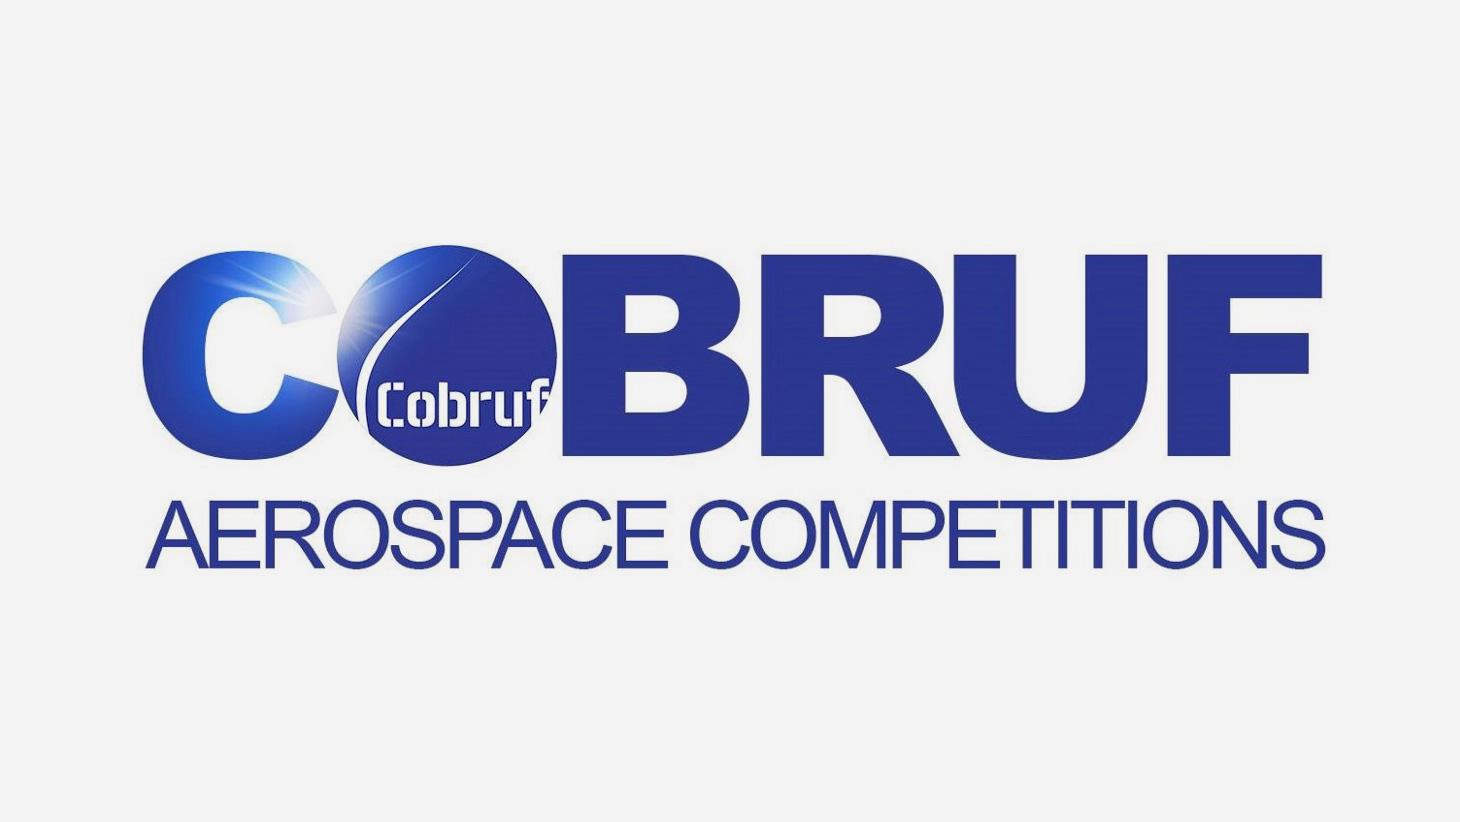 ESSS y ANSYS patrocinan las competiciones aeroespaciales COBRUF 2019